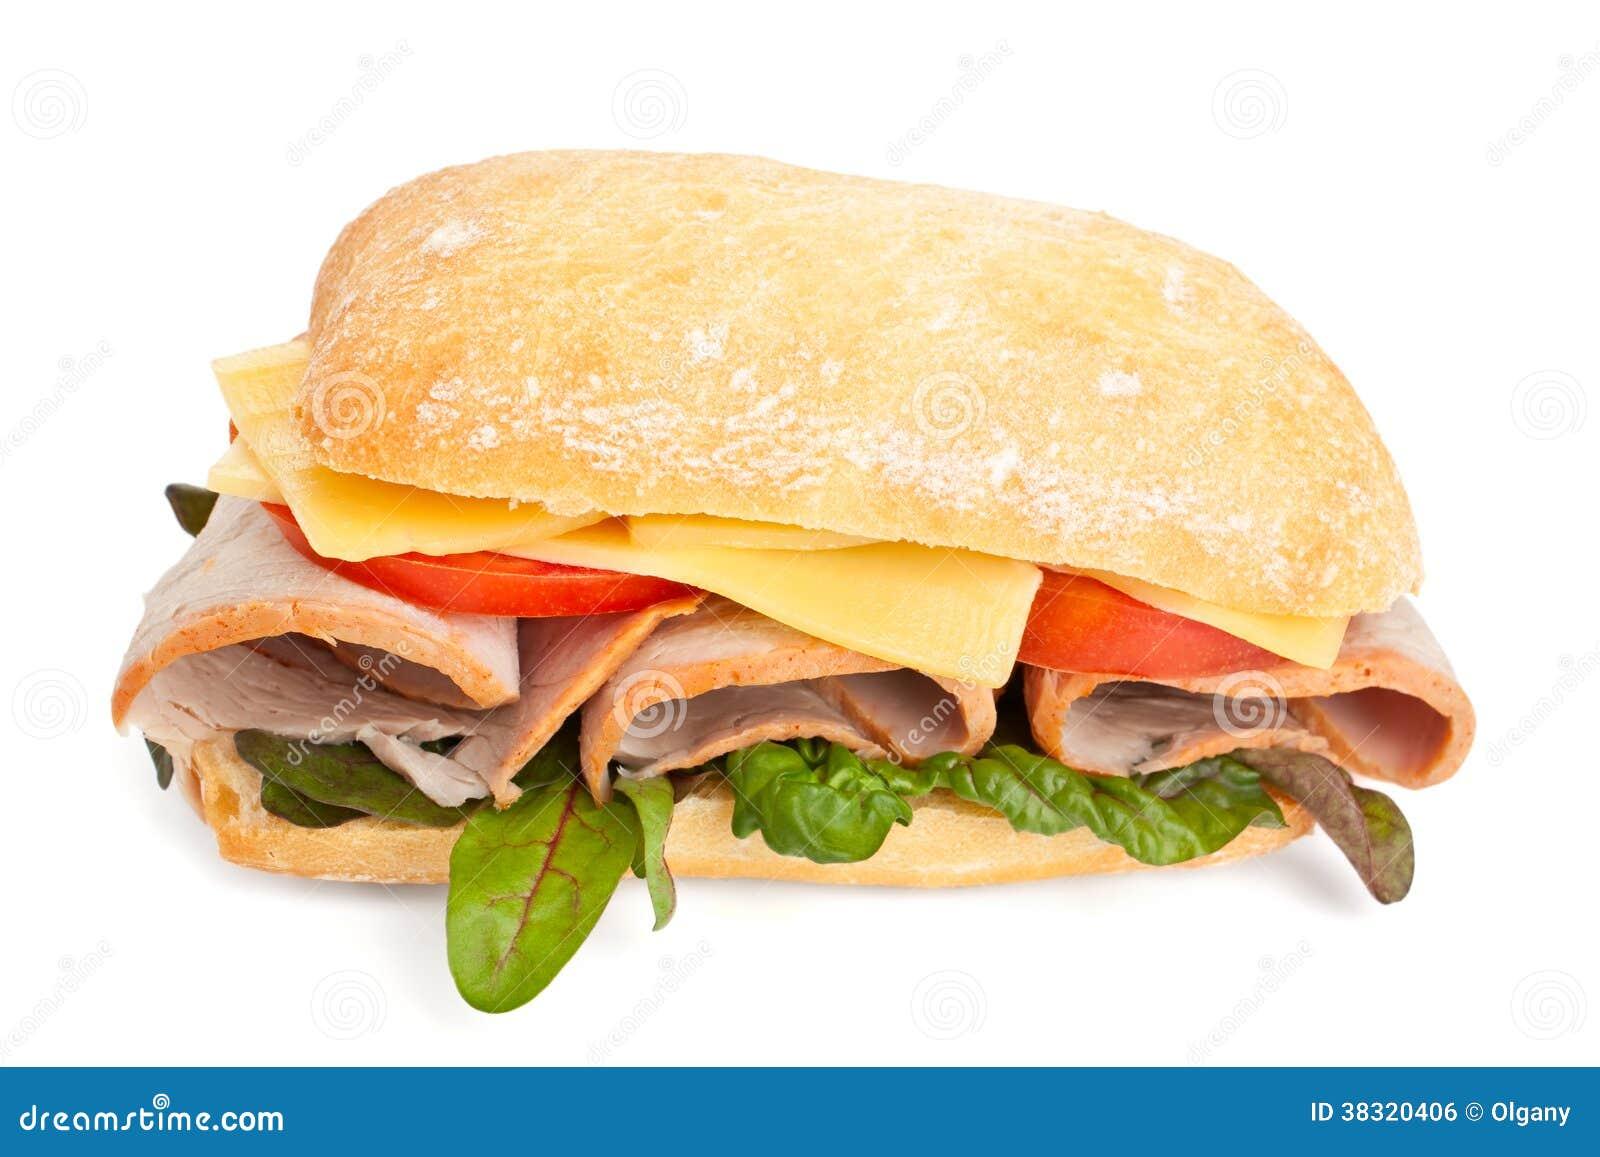 ciabatta brot sandwich mit schinken und k se lizenzfreies stockbild bild 38320406. Black Bedroom Furniture Sets. Home Design Ideas